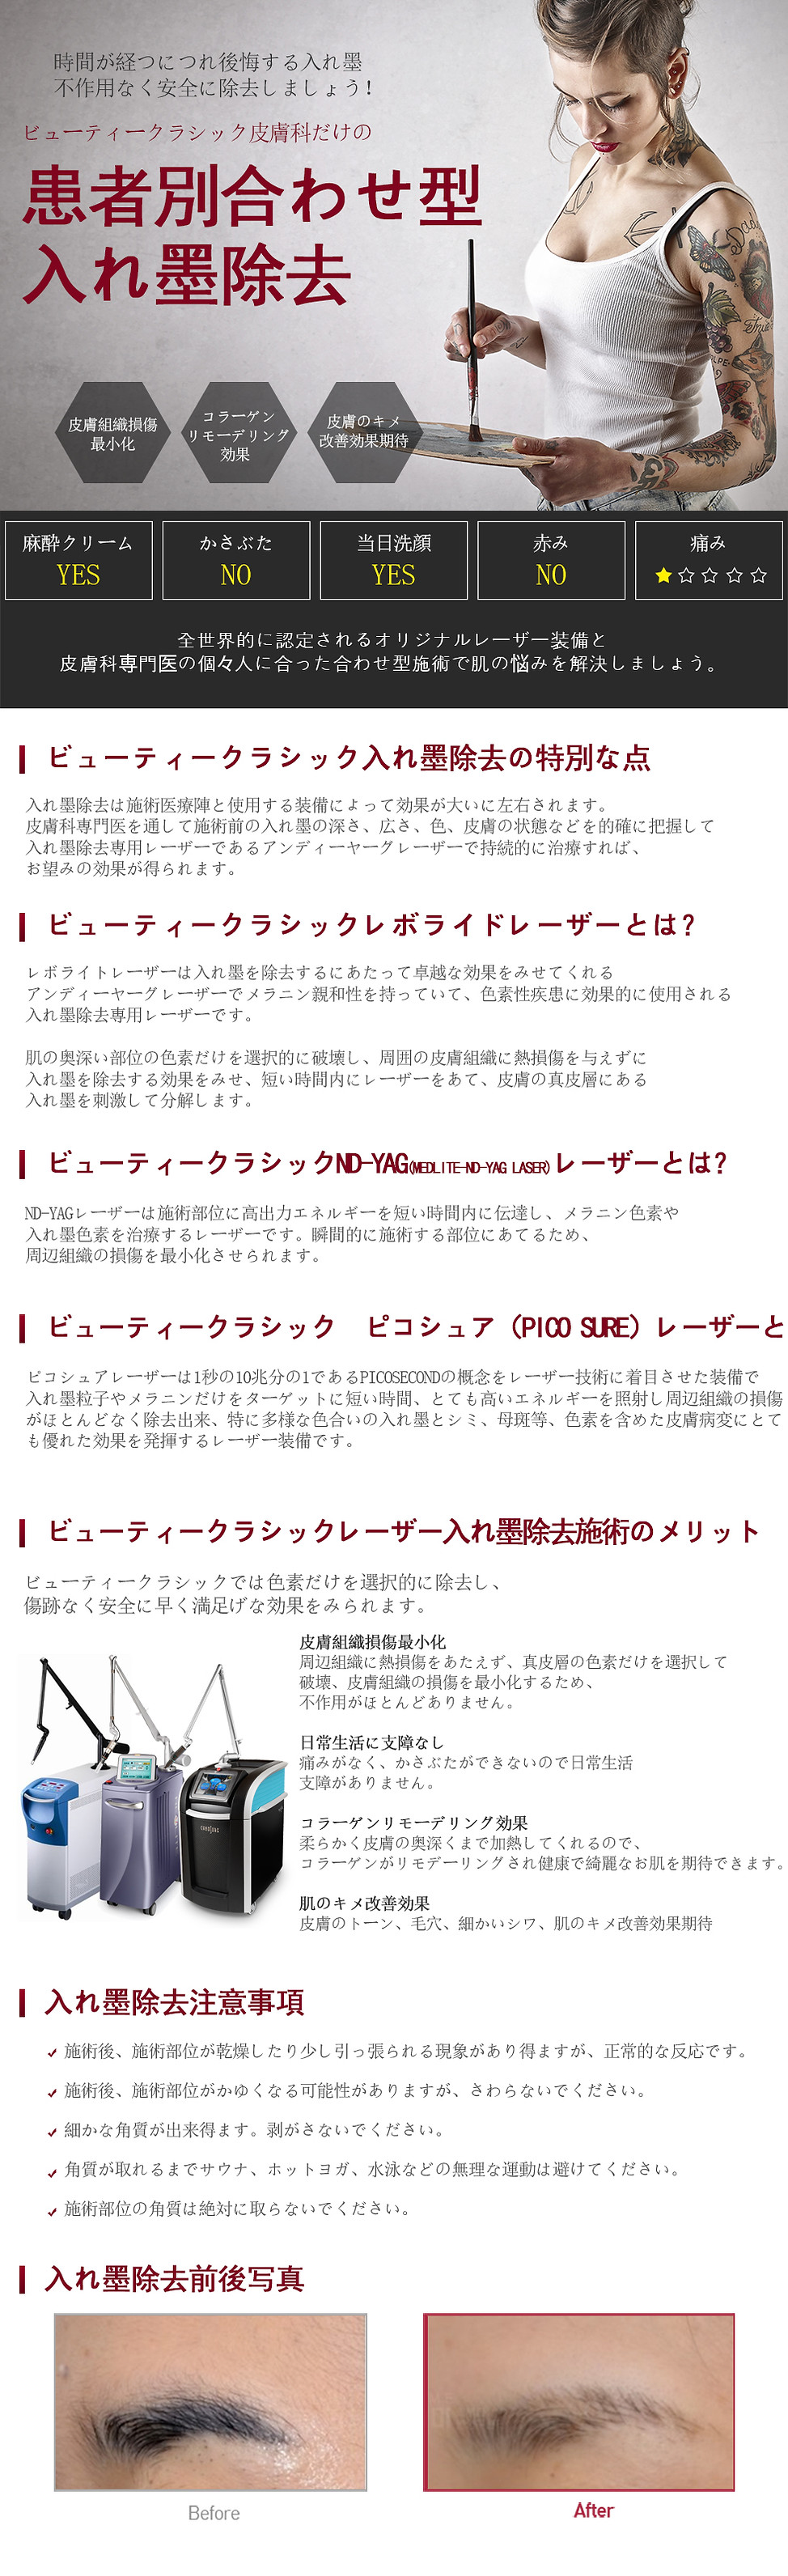 문신제거_일본어.jpg